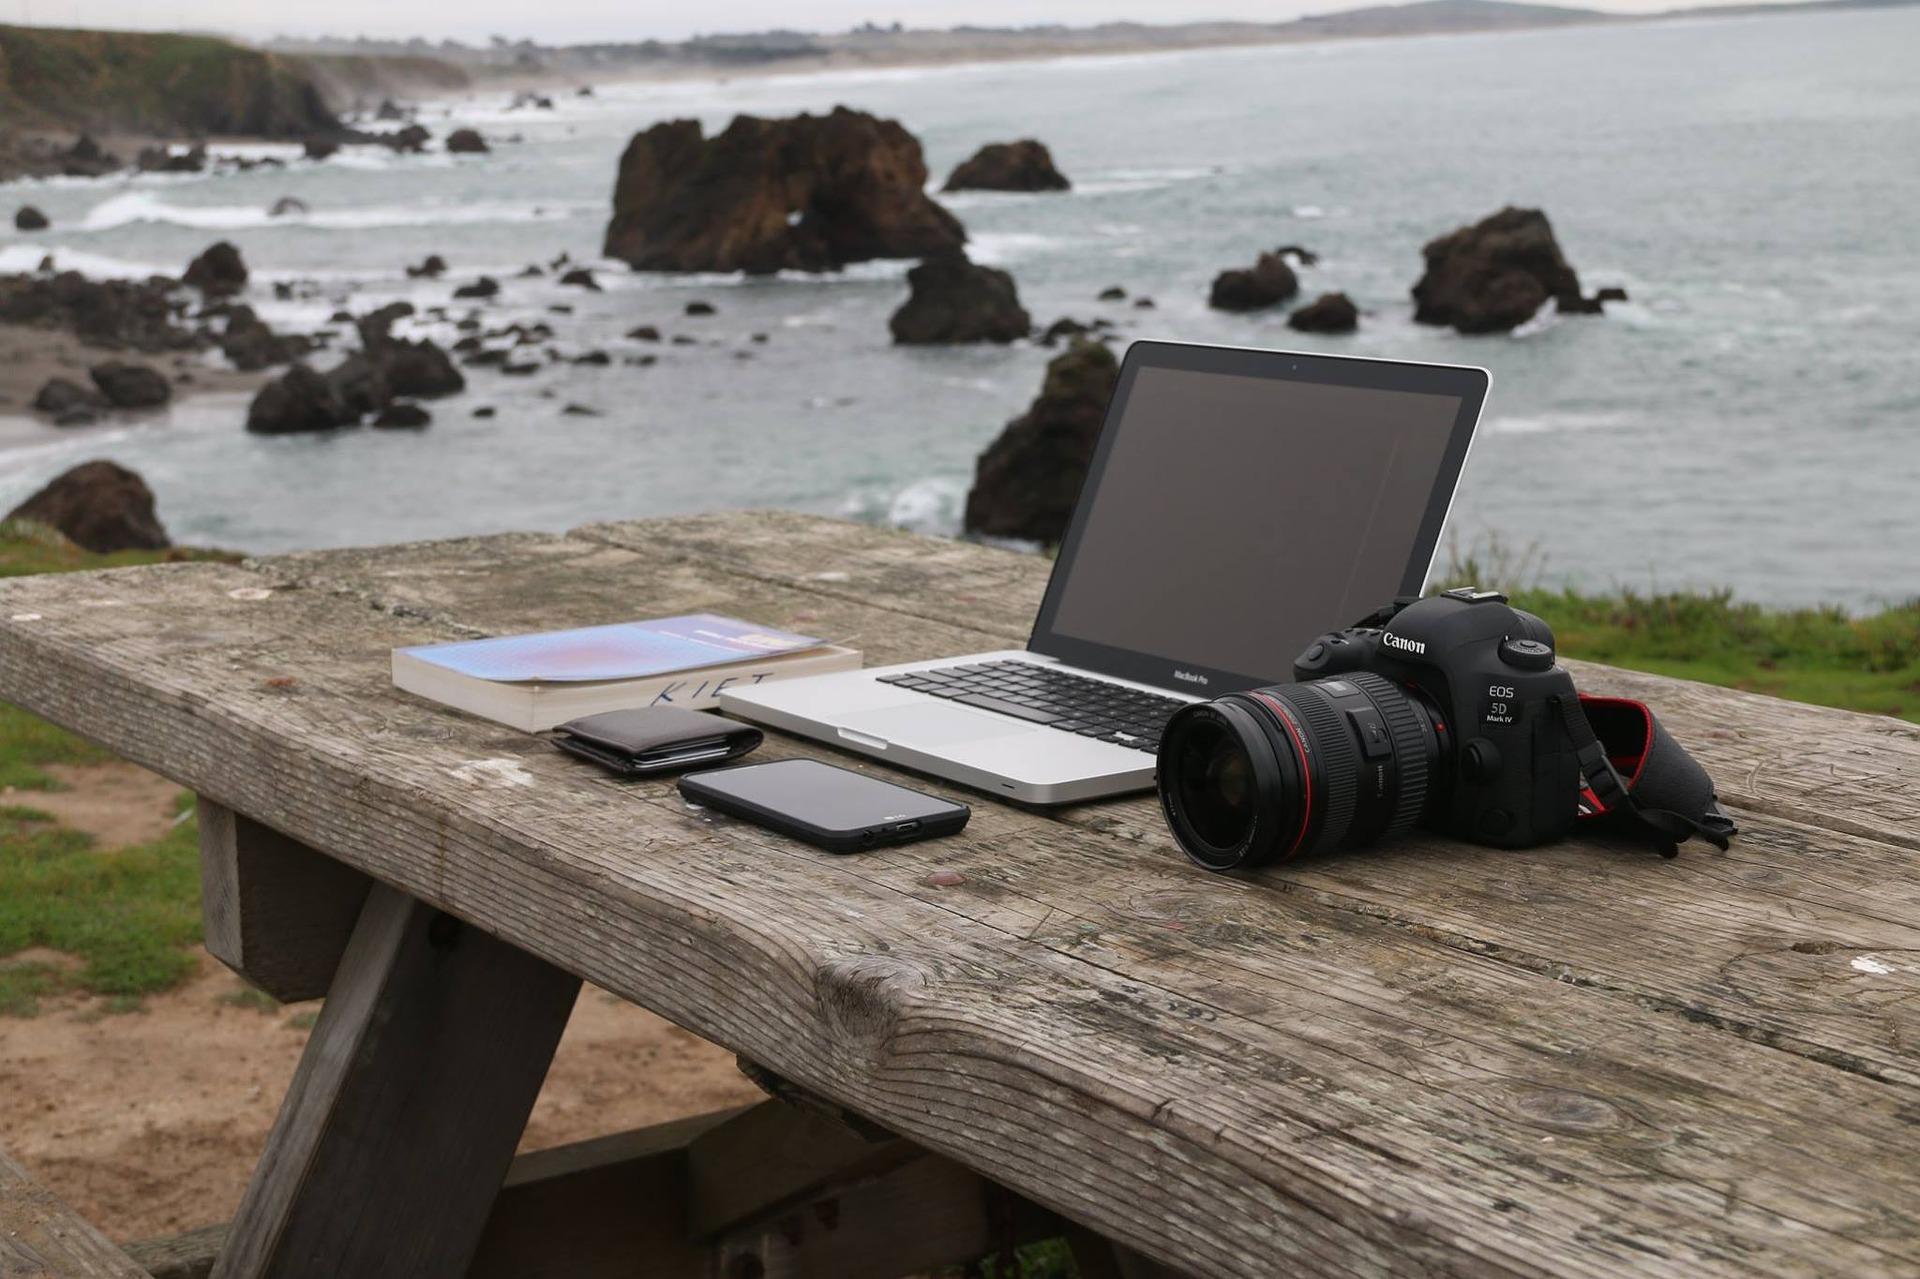 Bild von einem Laptop auf einem Tisch im freien